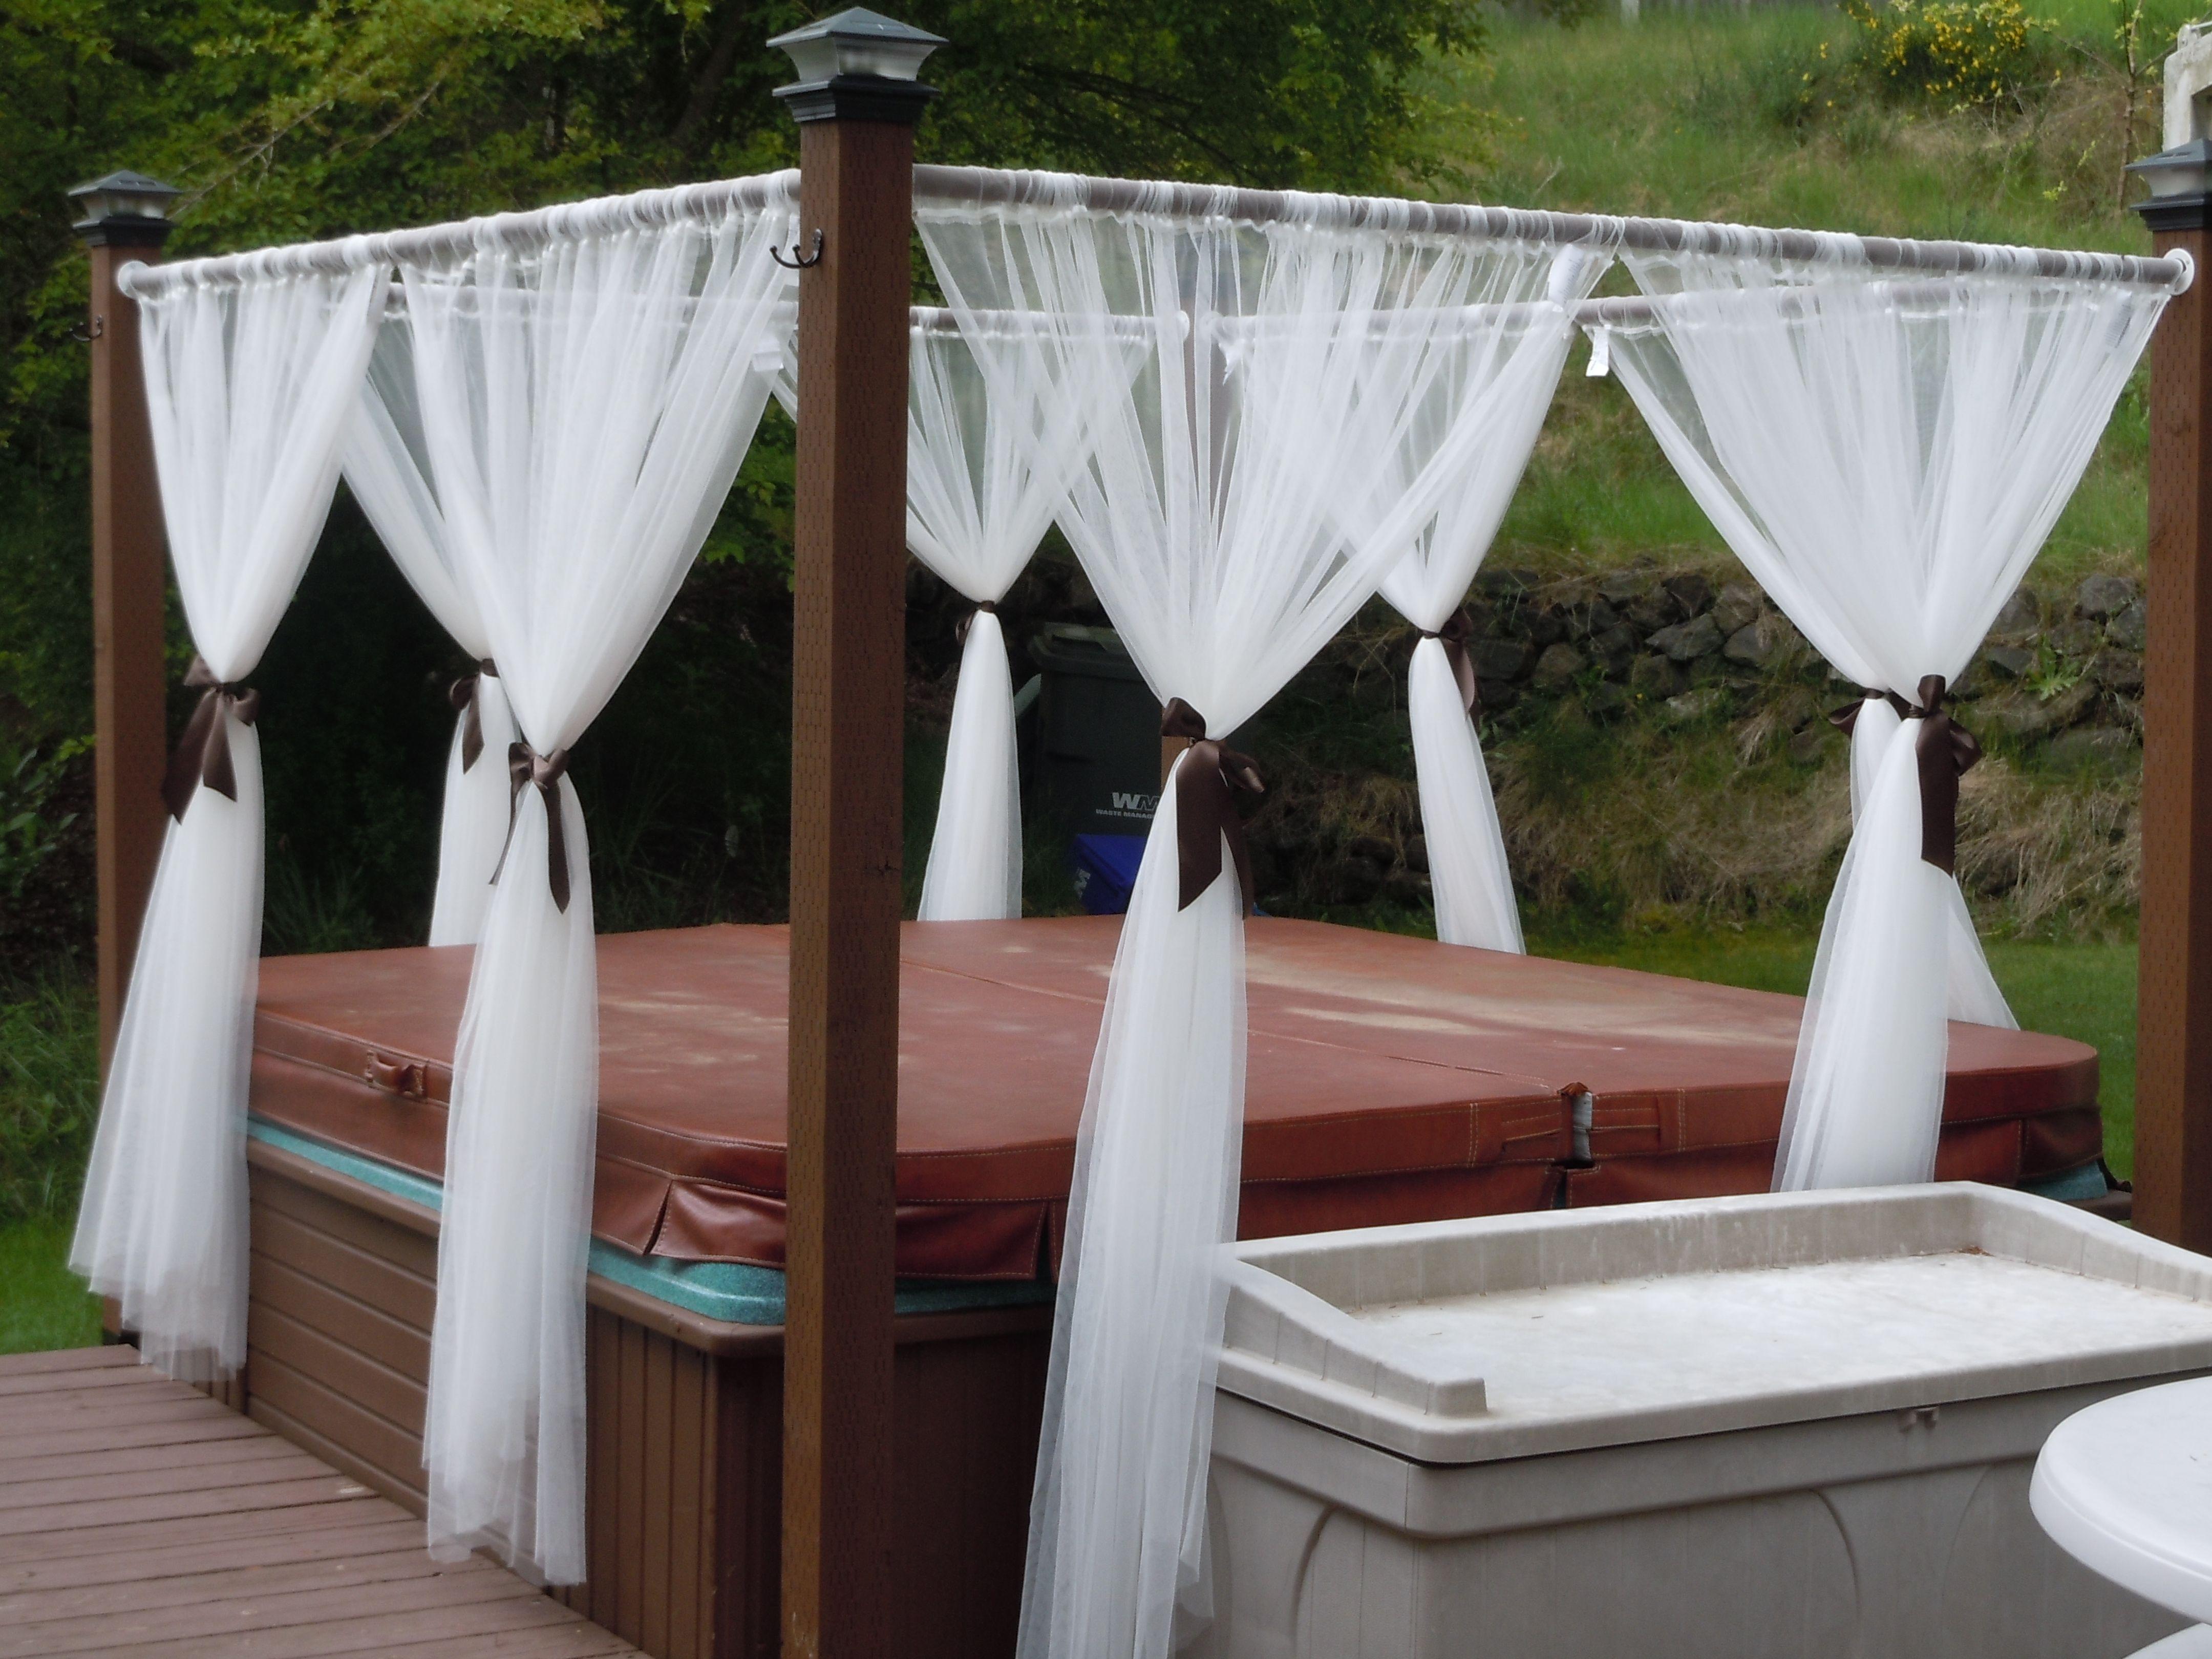 diy pool enclosure lighting